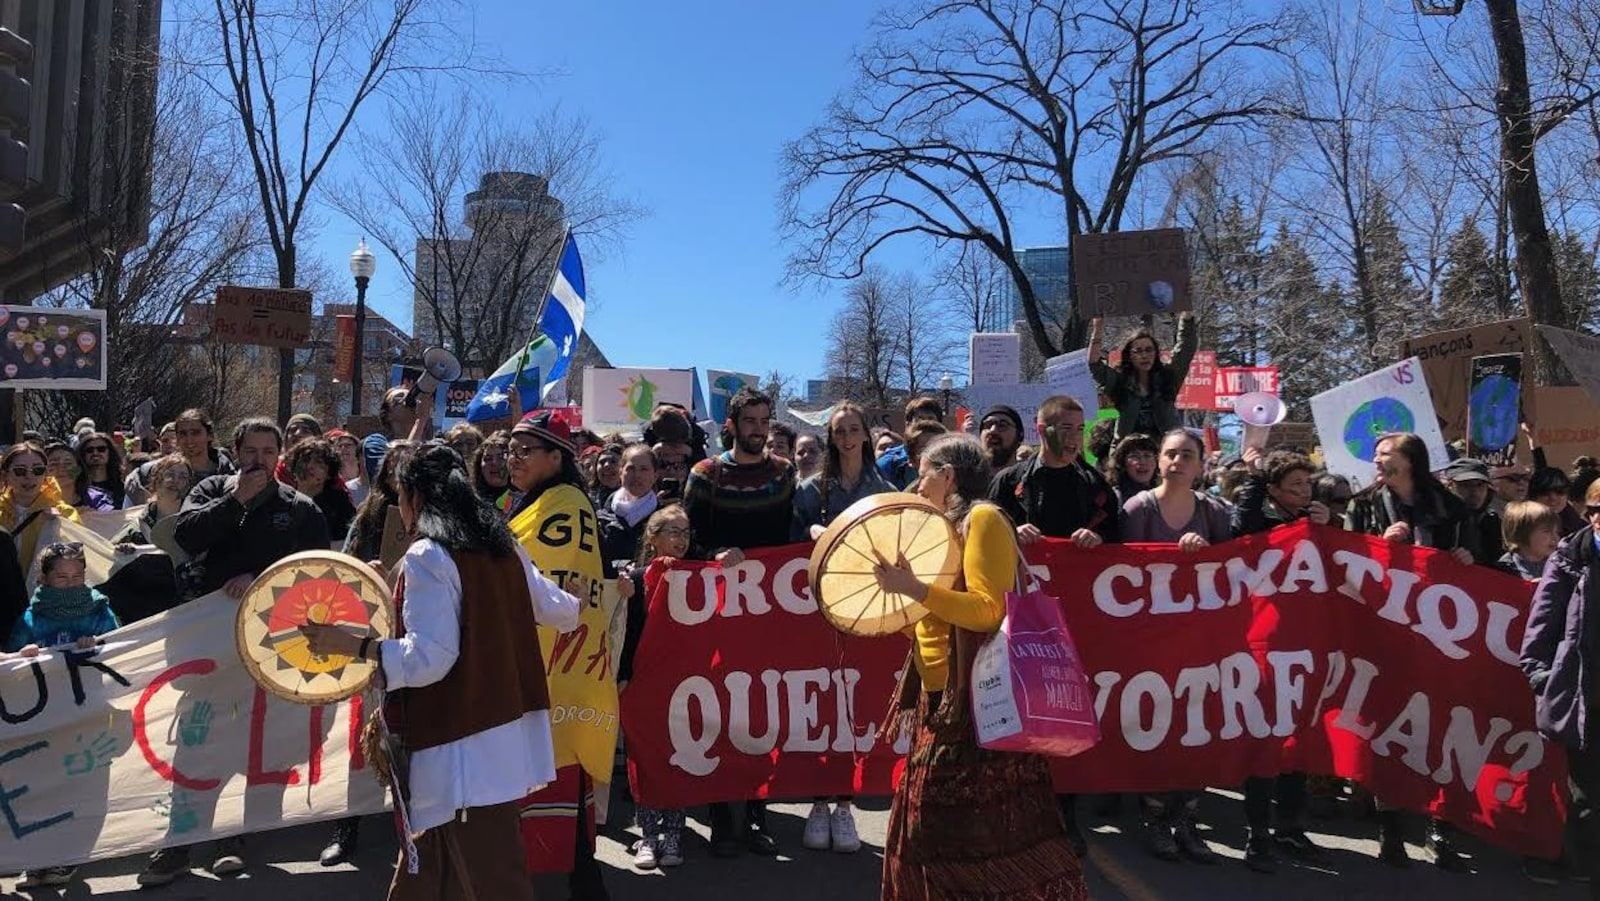 Les manifestants scandent de nombreux slogans pro-environnement.